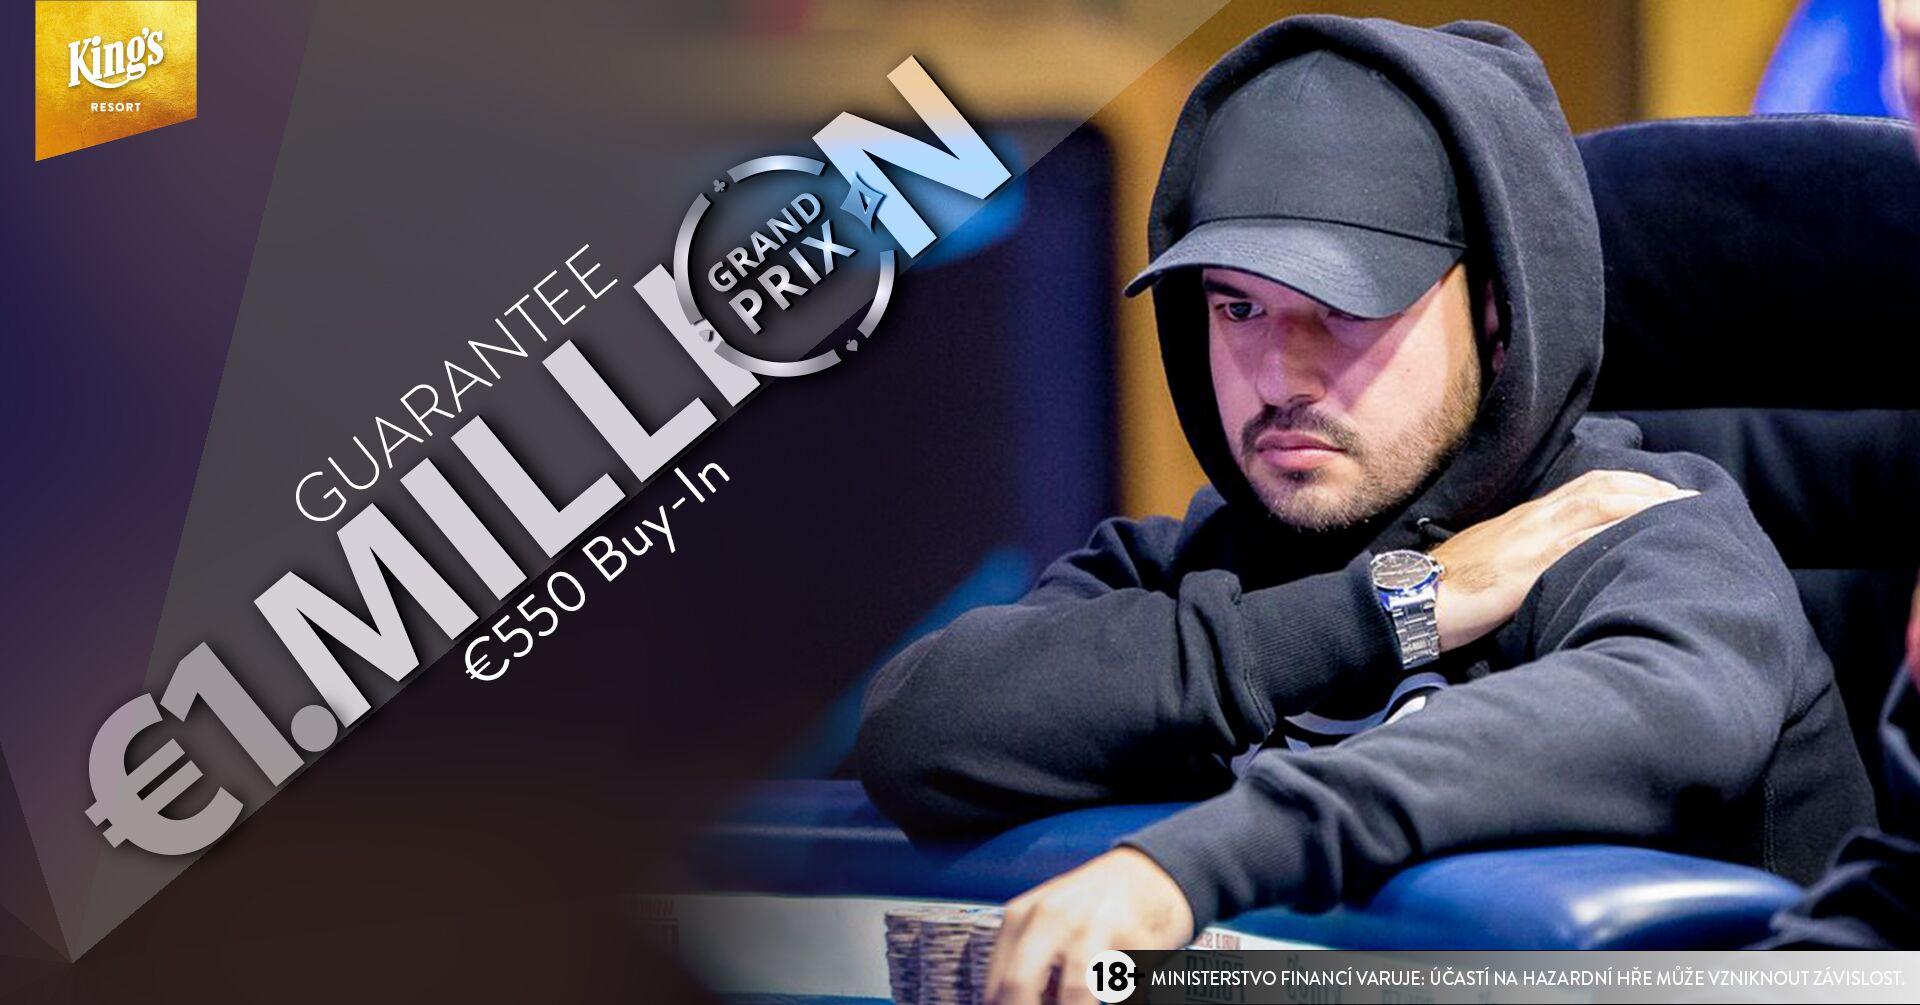 €550 partypoker Grand Prix Million King's o €1,000,000 v hotovosti a dalších €103,500 ve vstupenkách